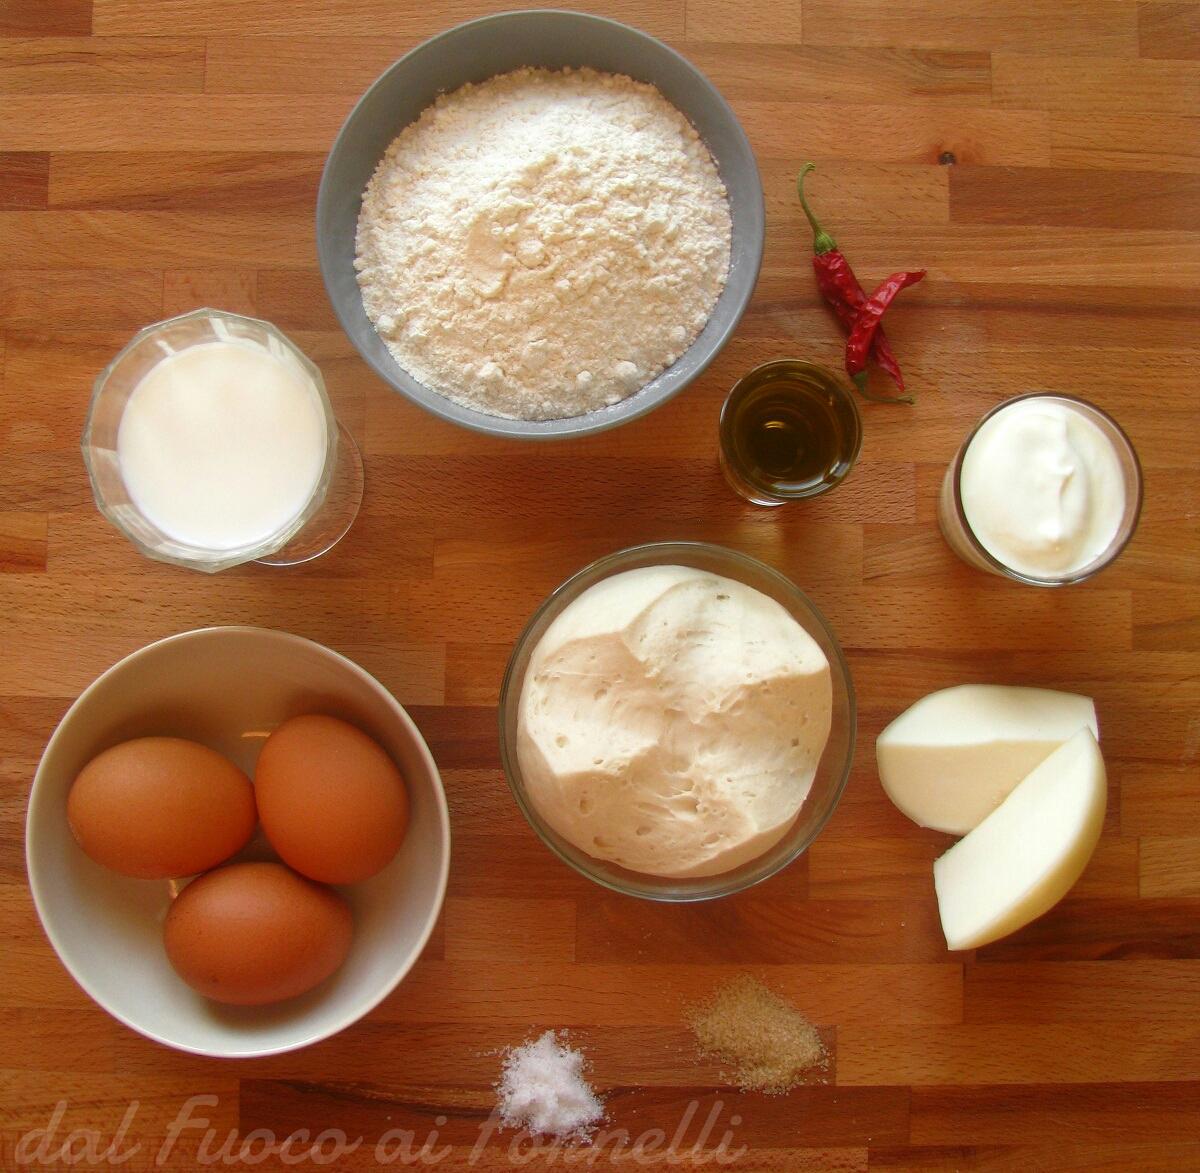 tortino ai peperoni